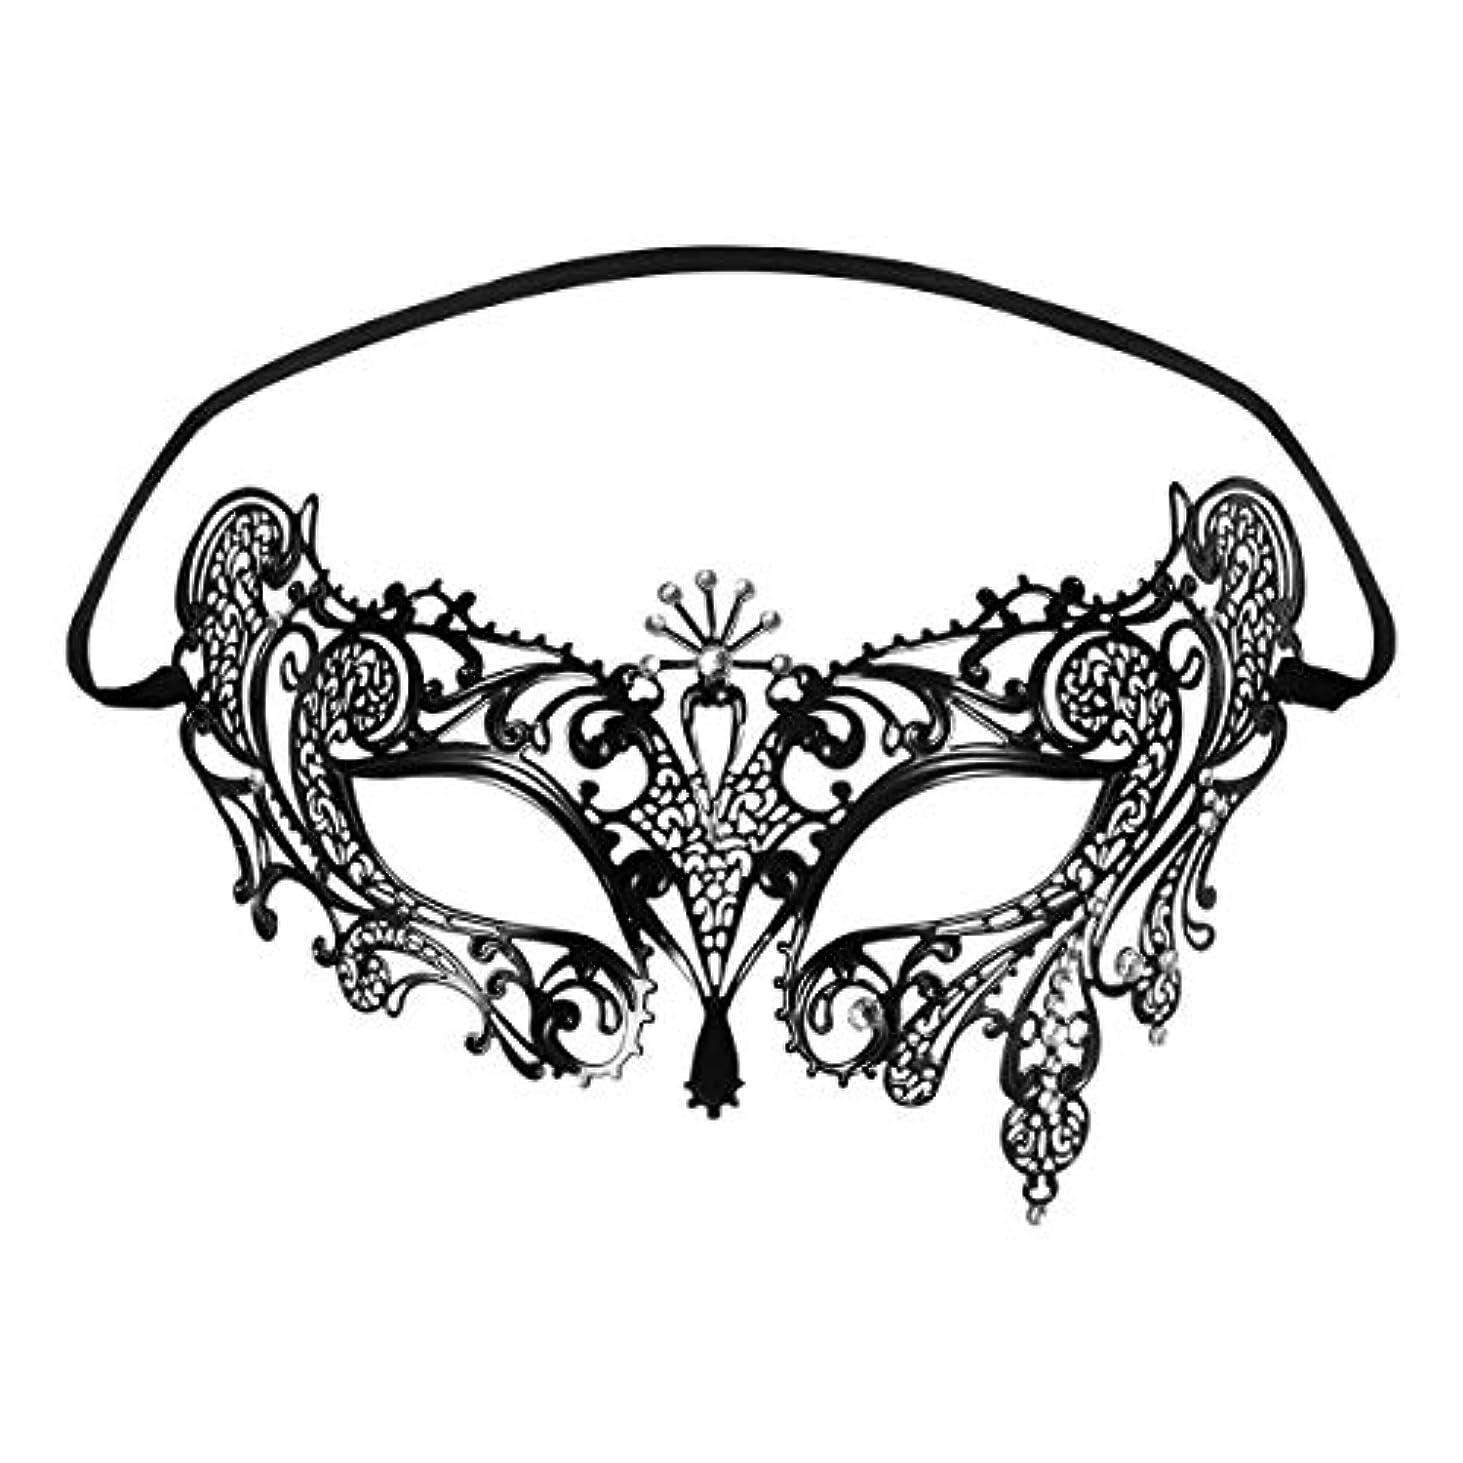 ペレット迷彩刺繍Foxnovo Foxnovoファッション高級ベネチアンスタイルディアマンテメタルフィリグリー仮装用マスク結婚式/パーティー用(ブラック)